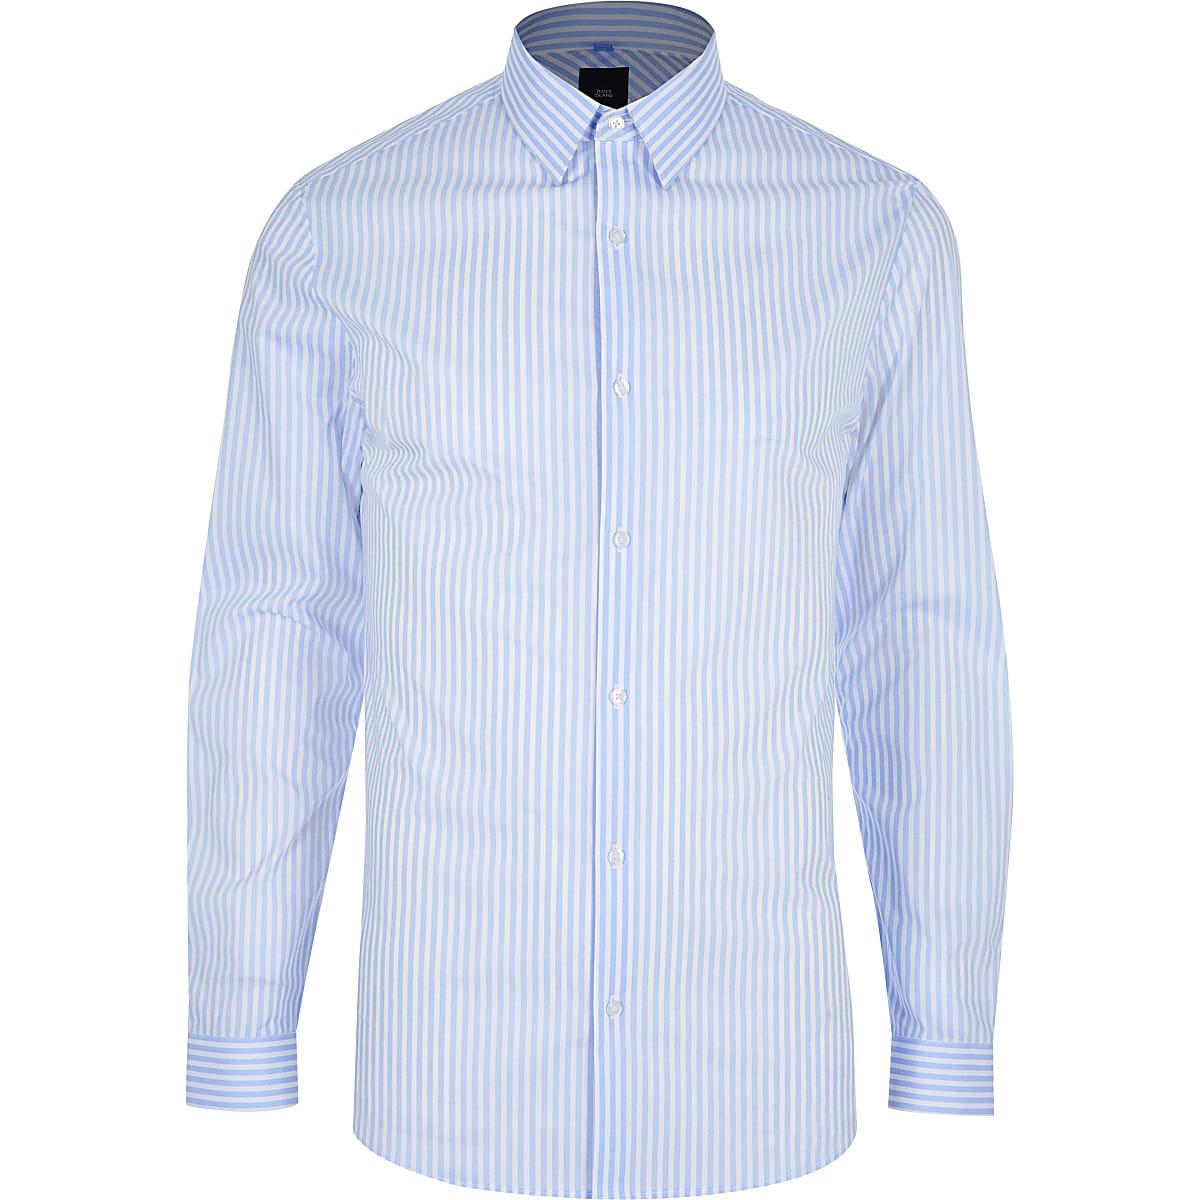 Rayée Longues Manches Bleue Chemises À Ajustée Fk1ct3lj Chemise QrsCxthd